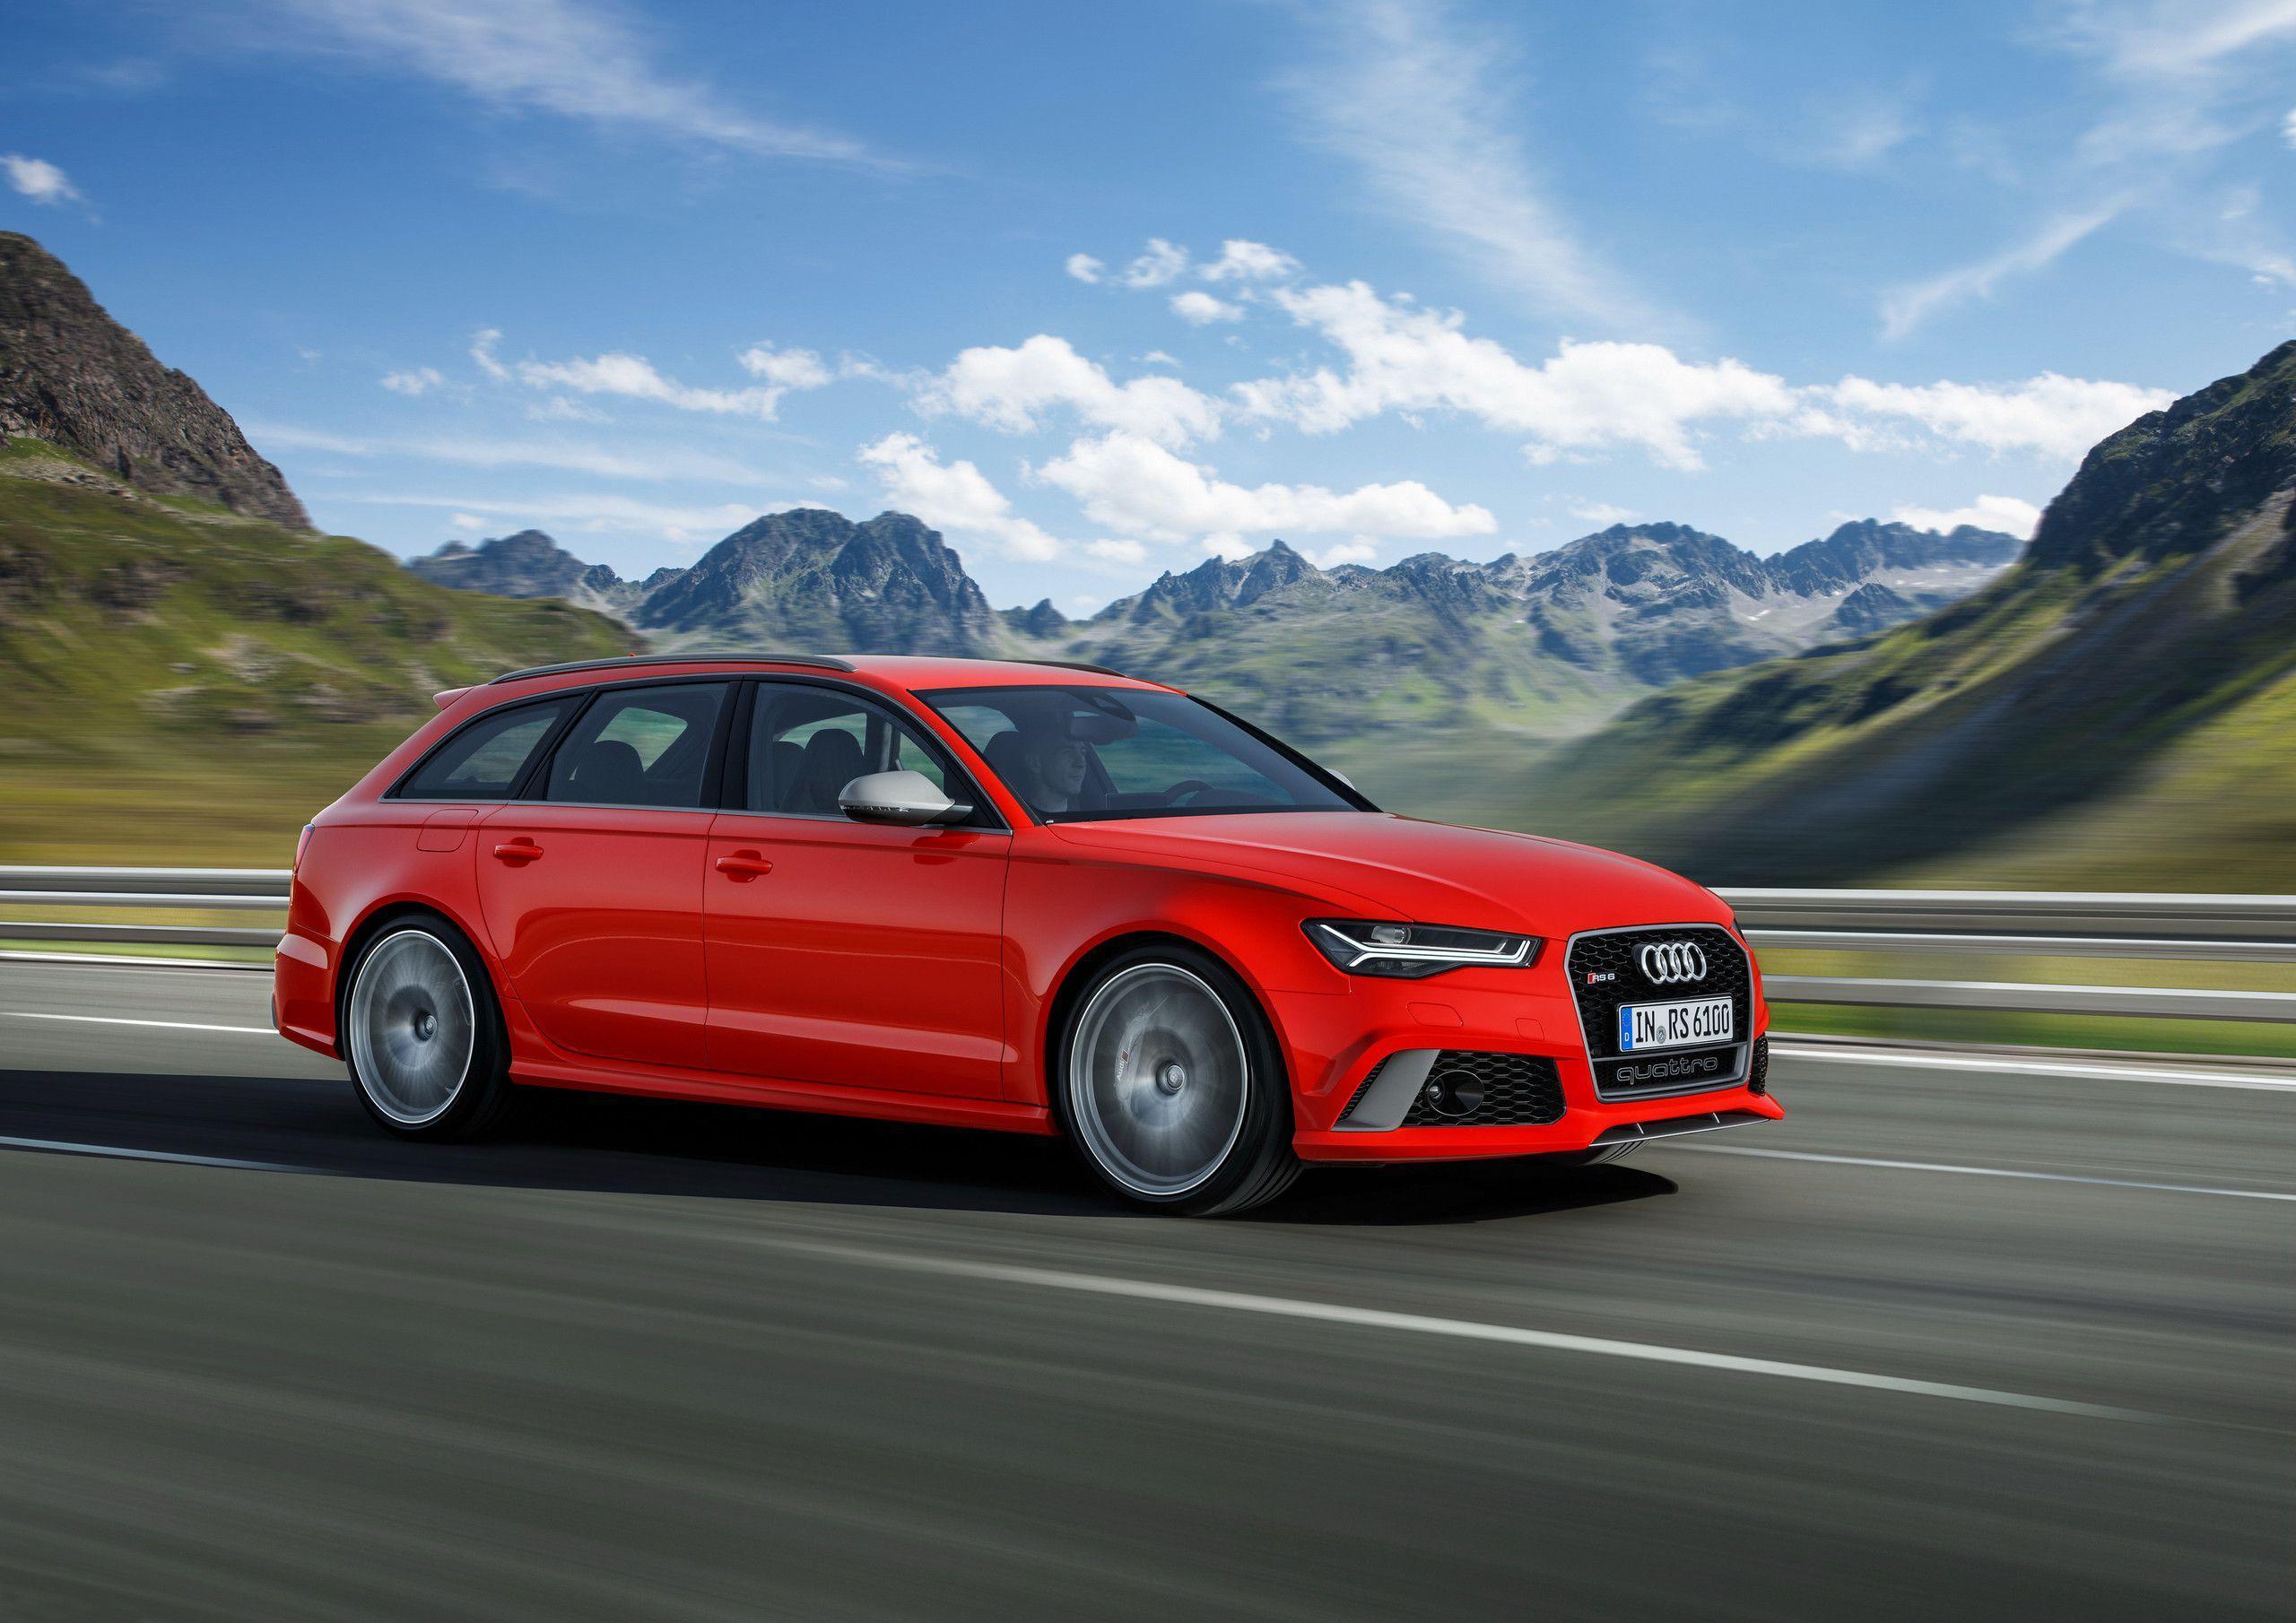 37 Audi RS6 Fonds d'écran HD | Arrière-plans - Wallpaper Abyss